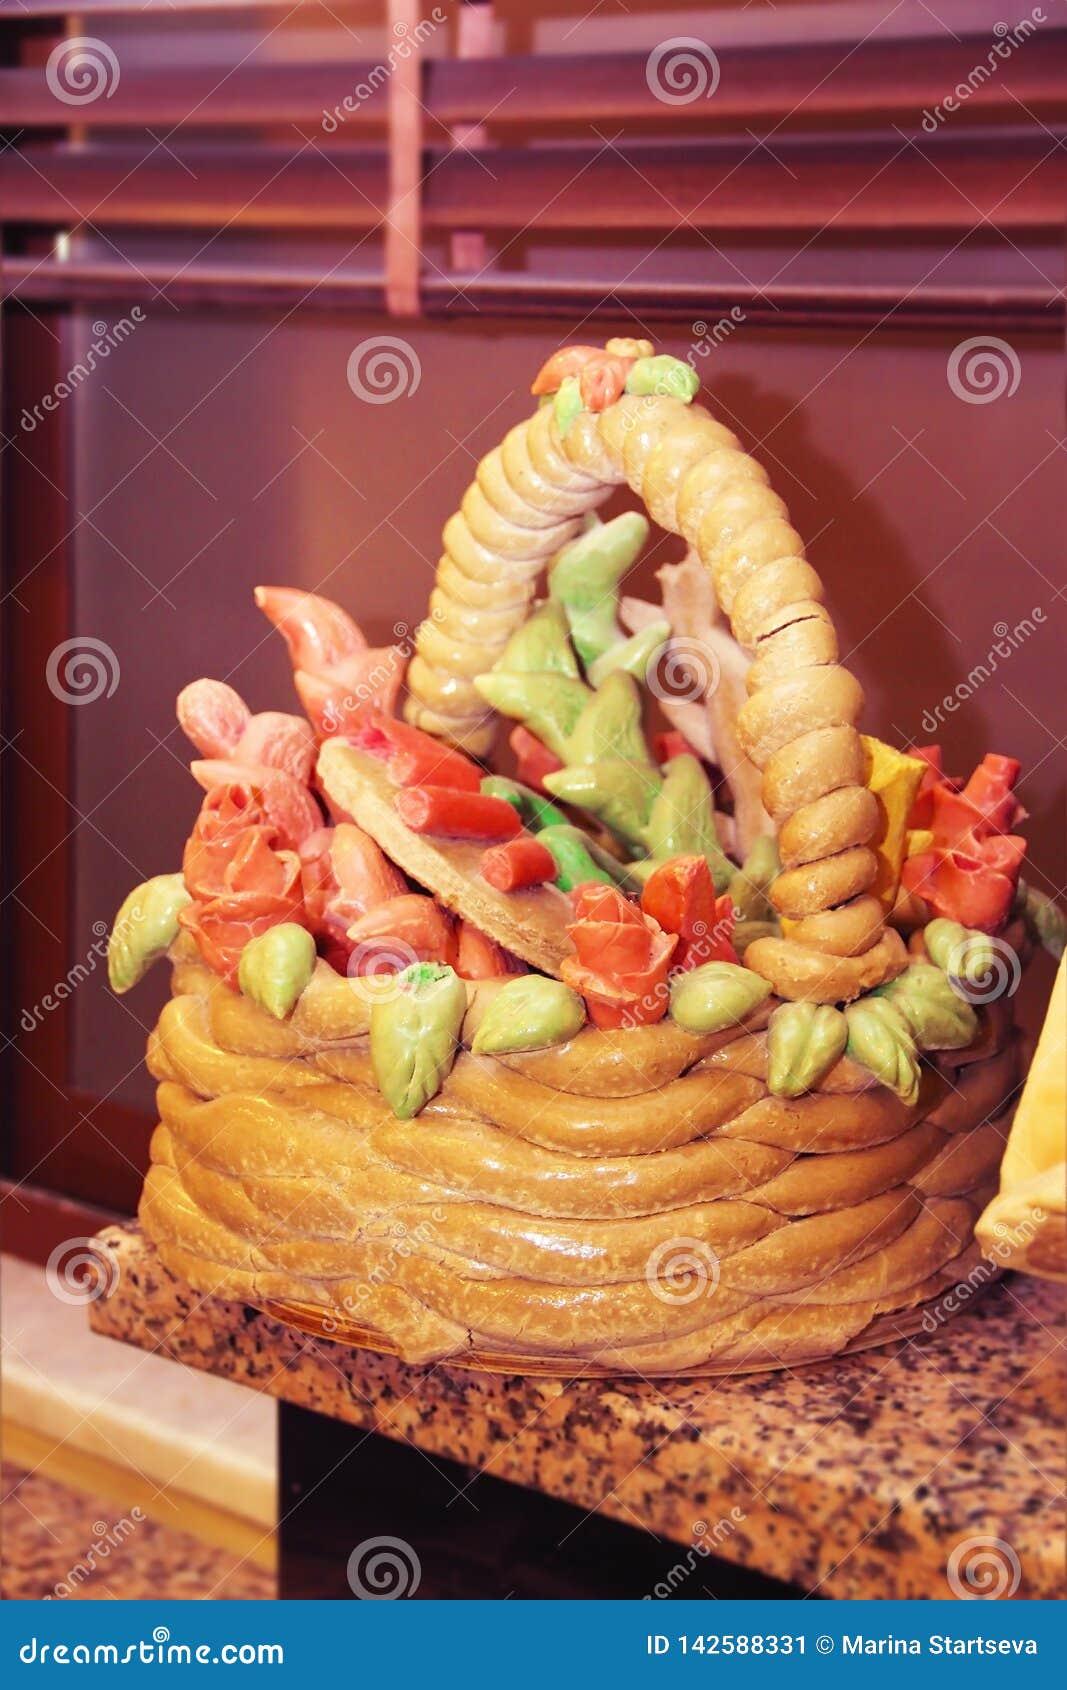 διακοσμητικό καλάθι ψωμιού με τις διακοσμήσεις σχεδιαστών υπό μορφή λουλουδιών και φύλλων